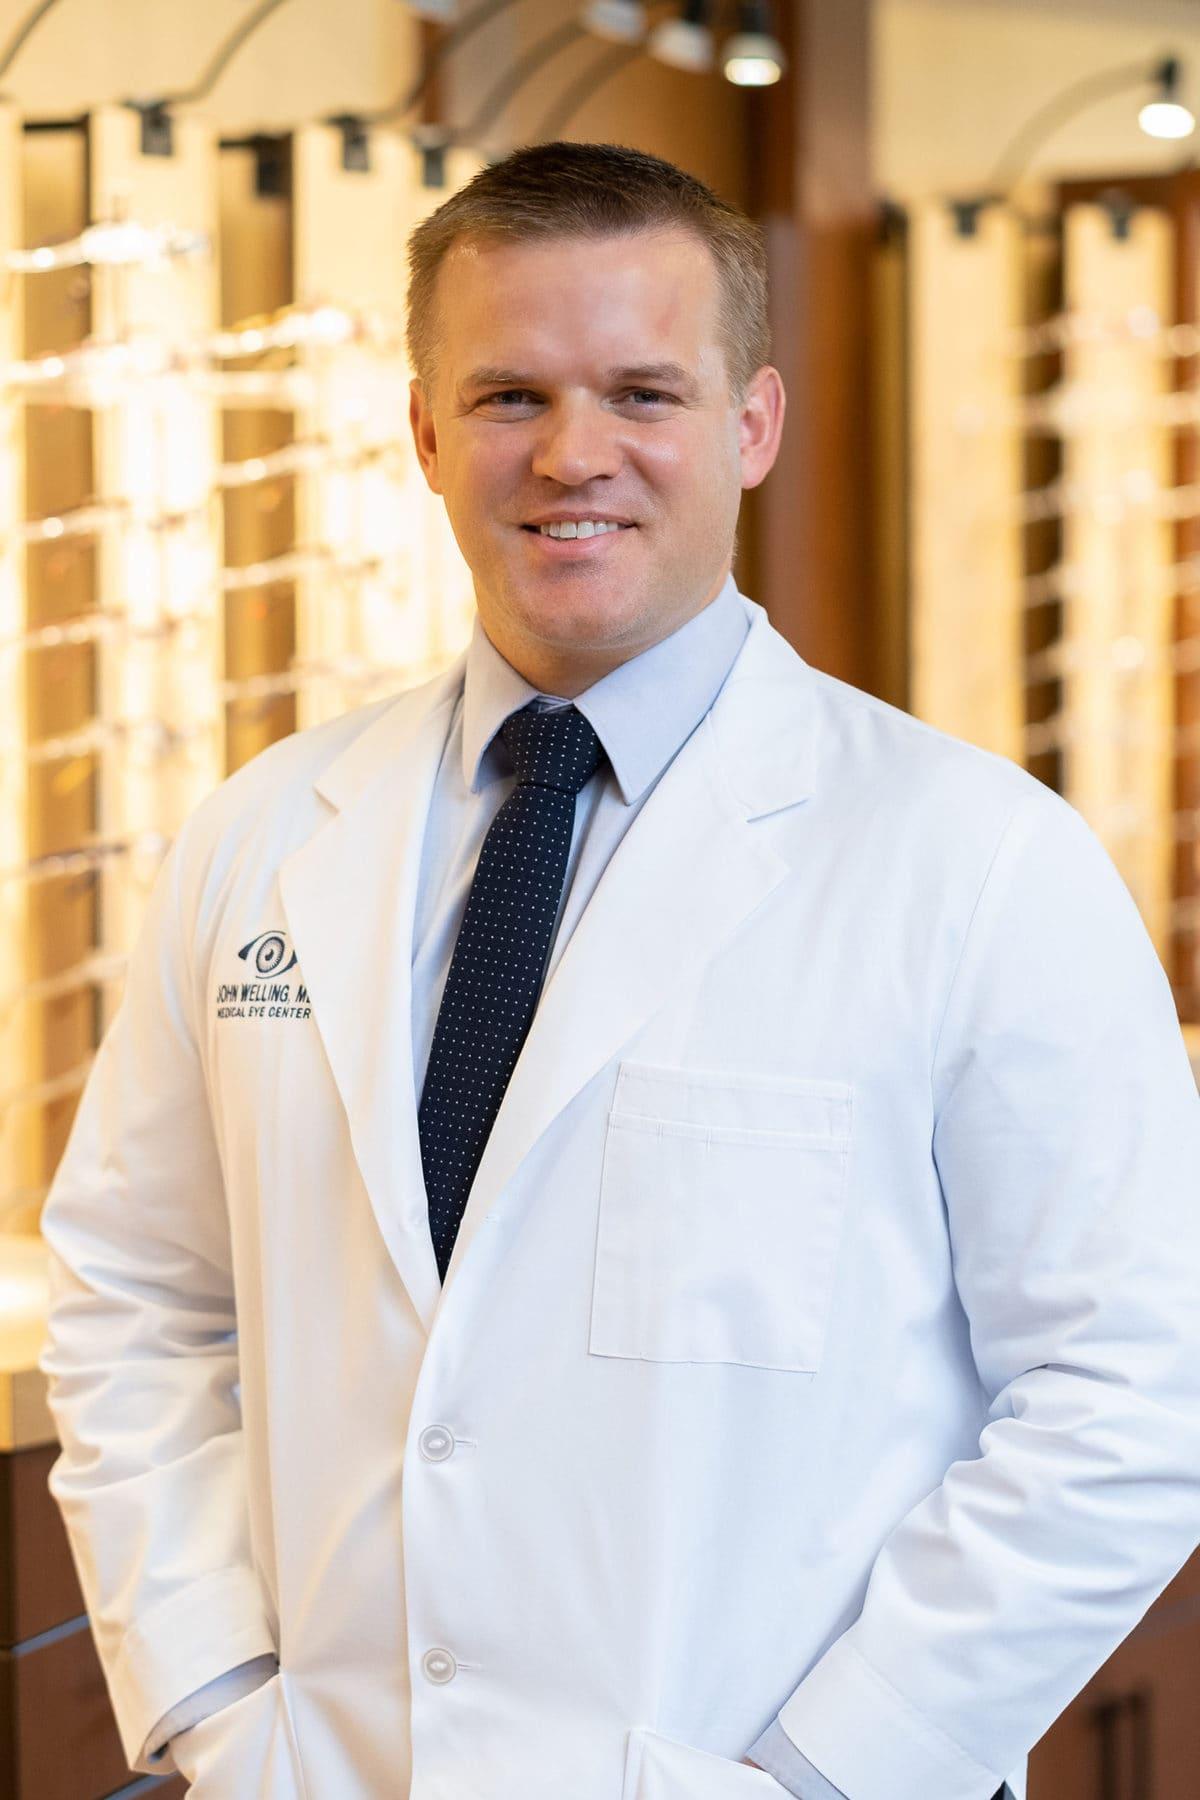 John Welling, MD